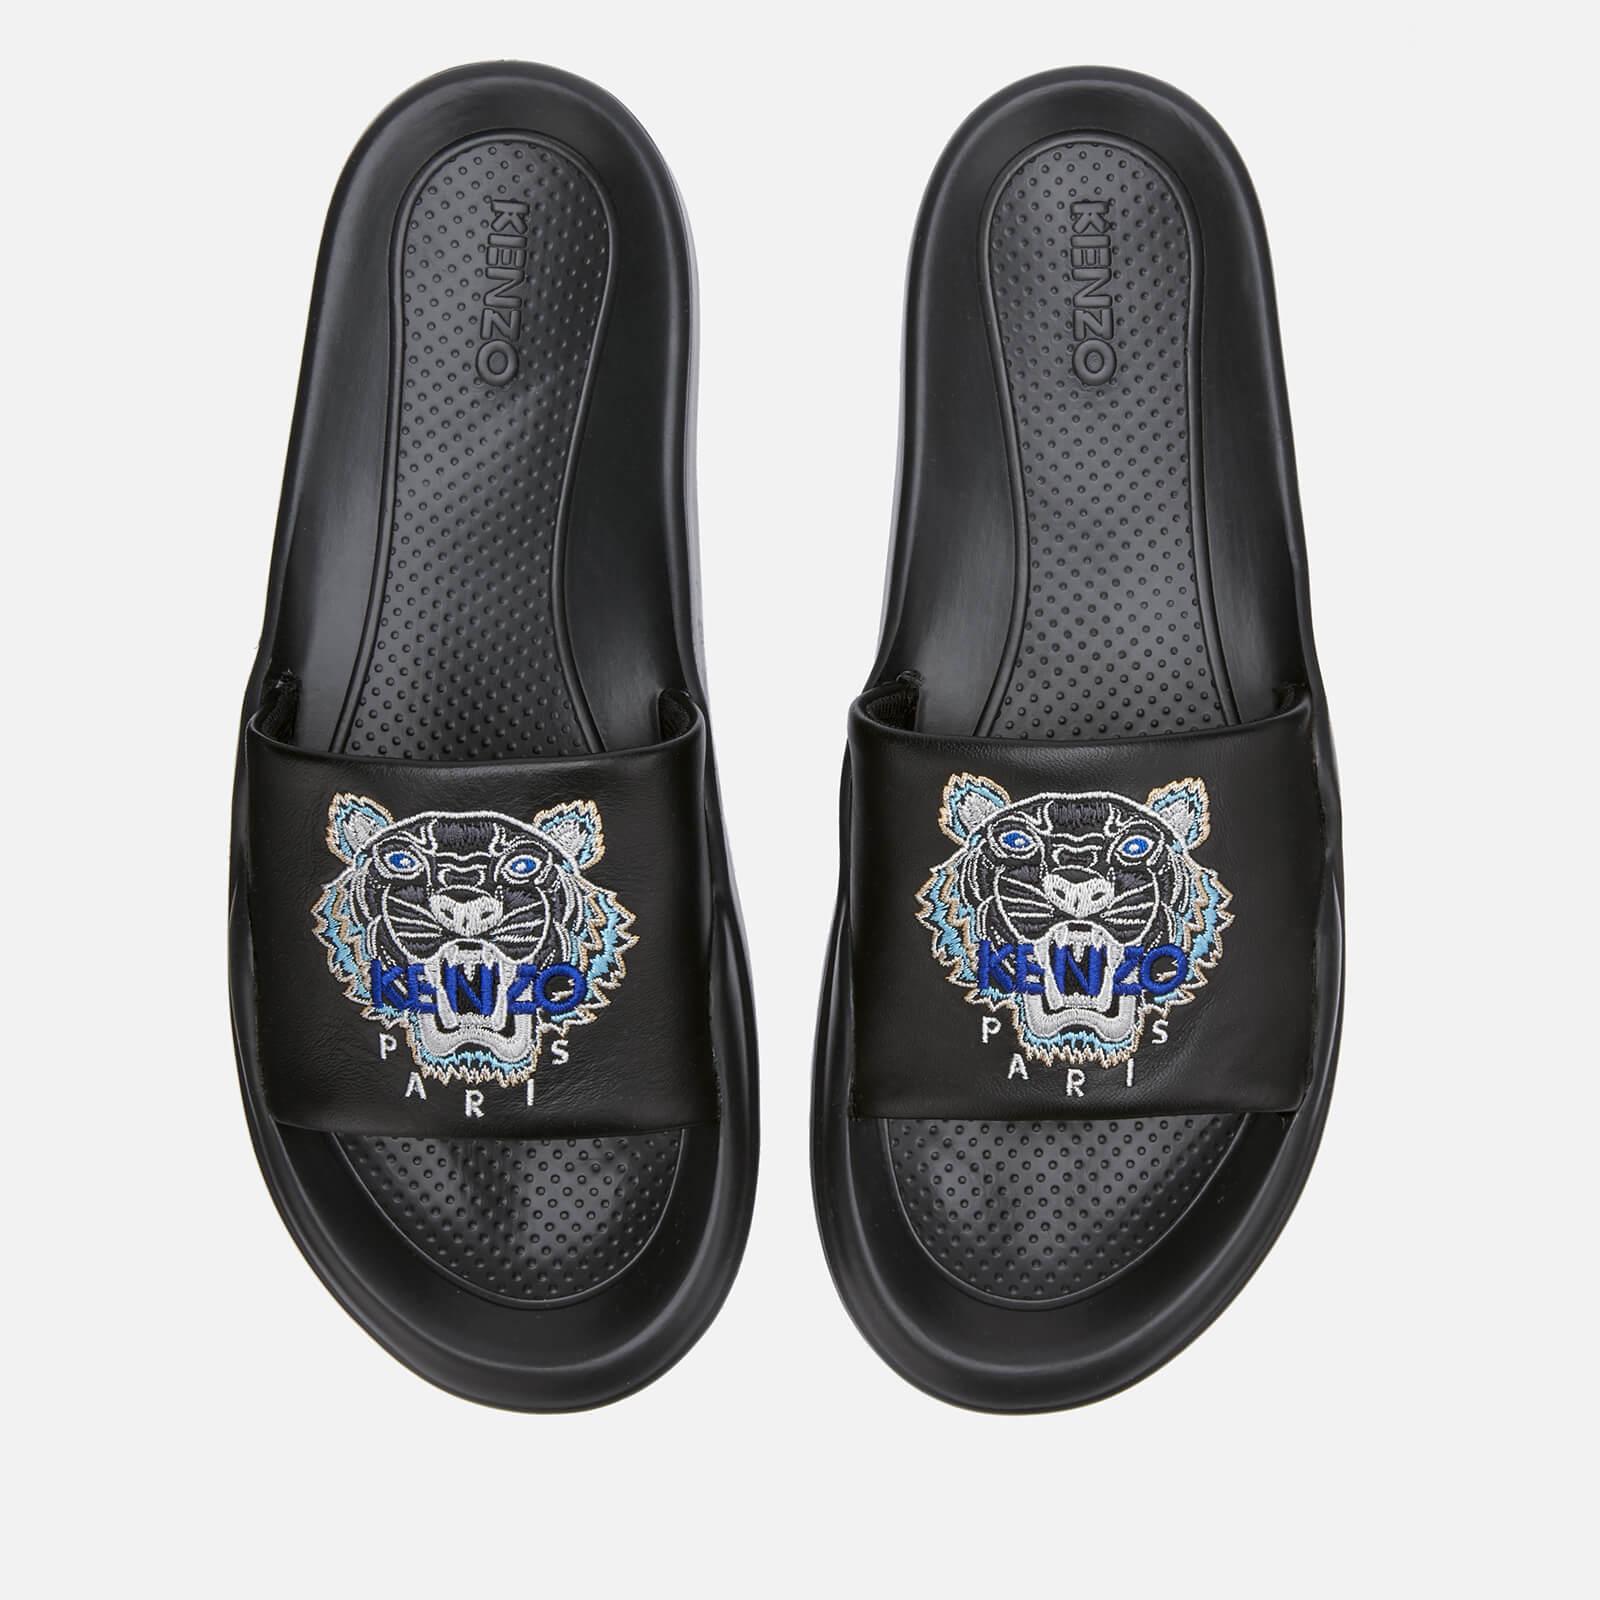 Tiger Head Pool Slide Sandals - Black